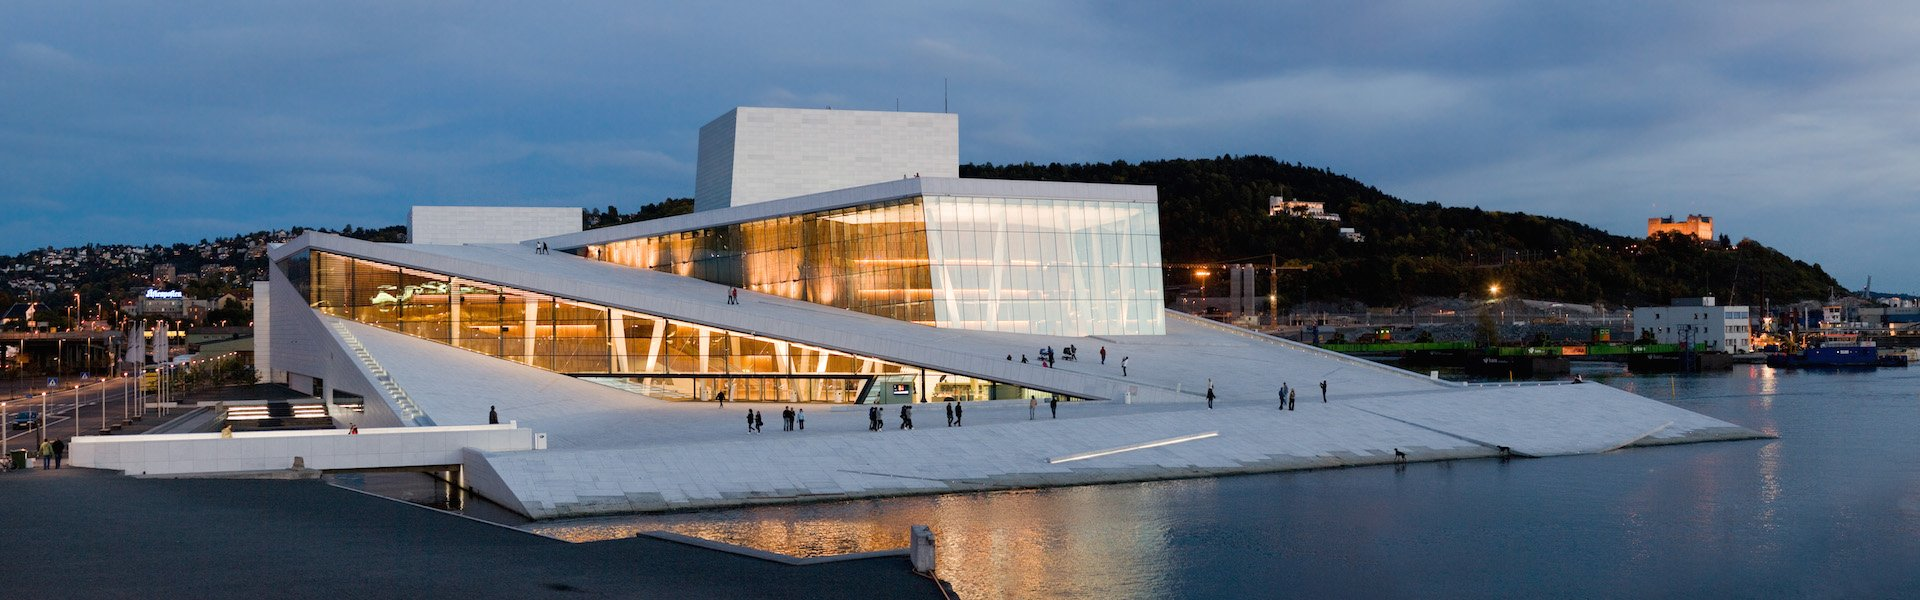 Oslo audio tour: Exploring Downtown Oslo